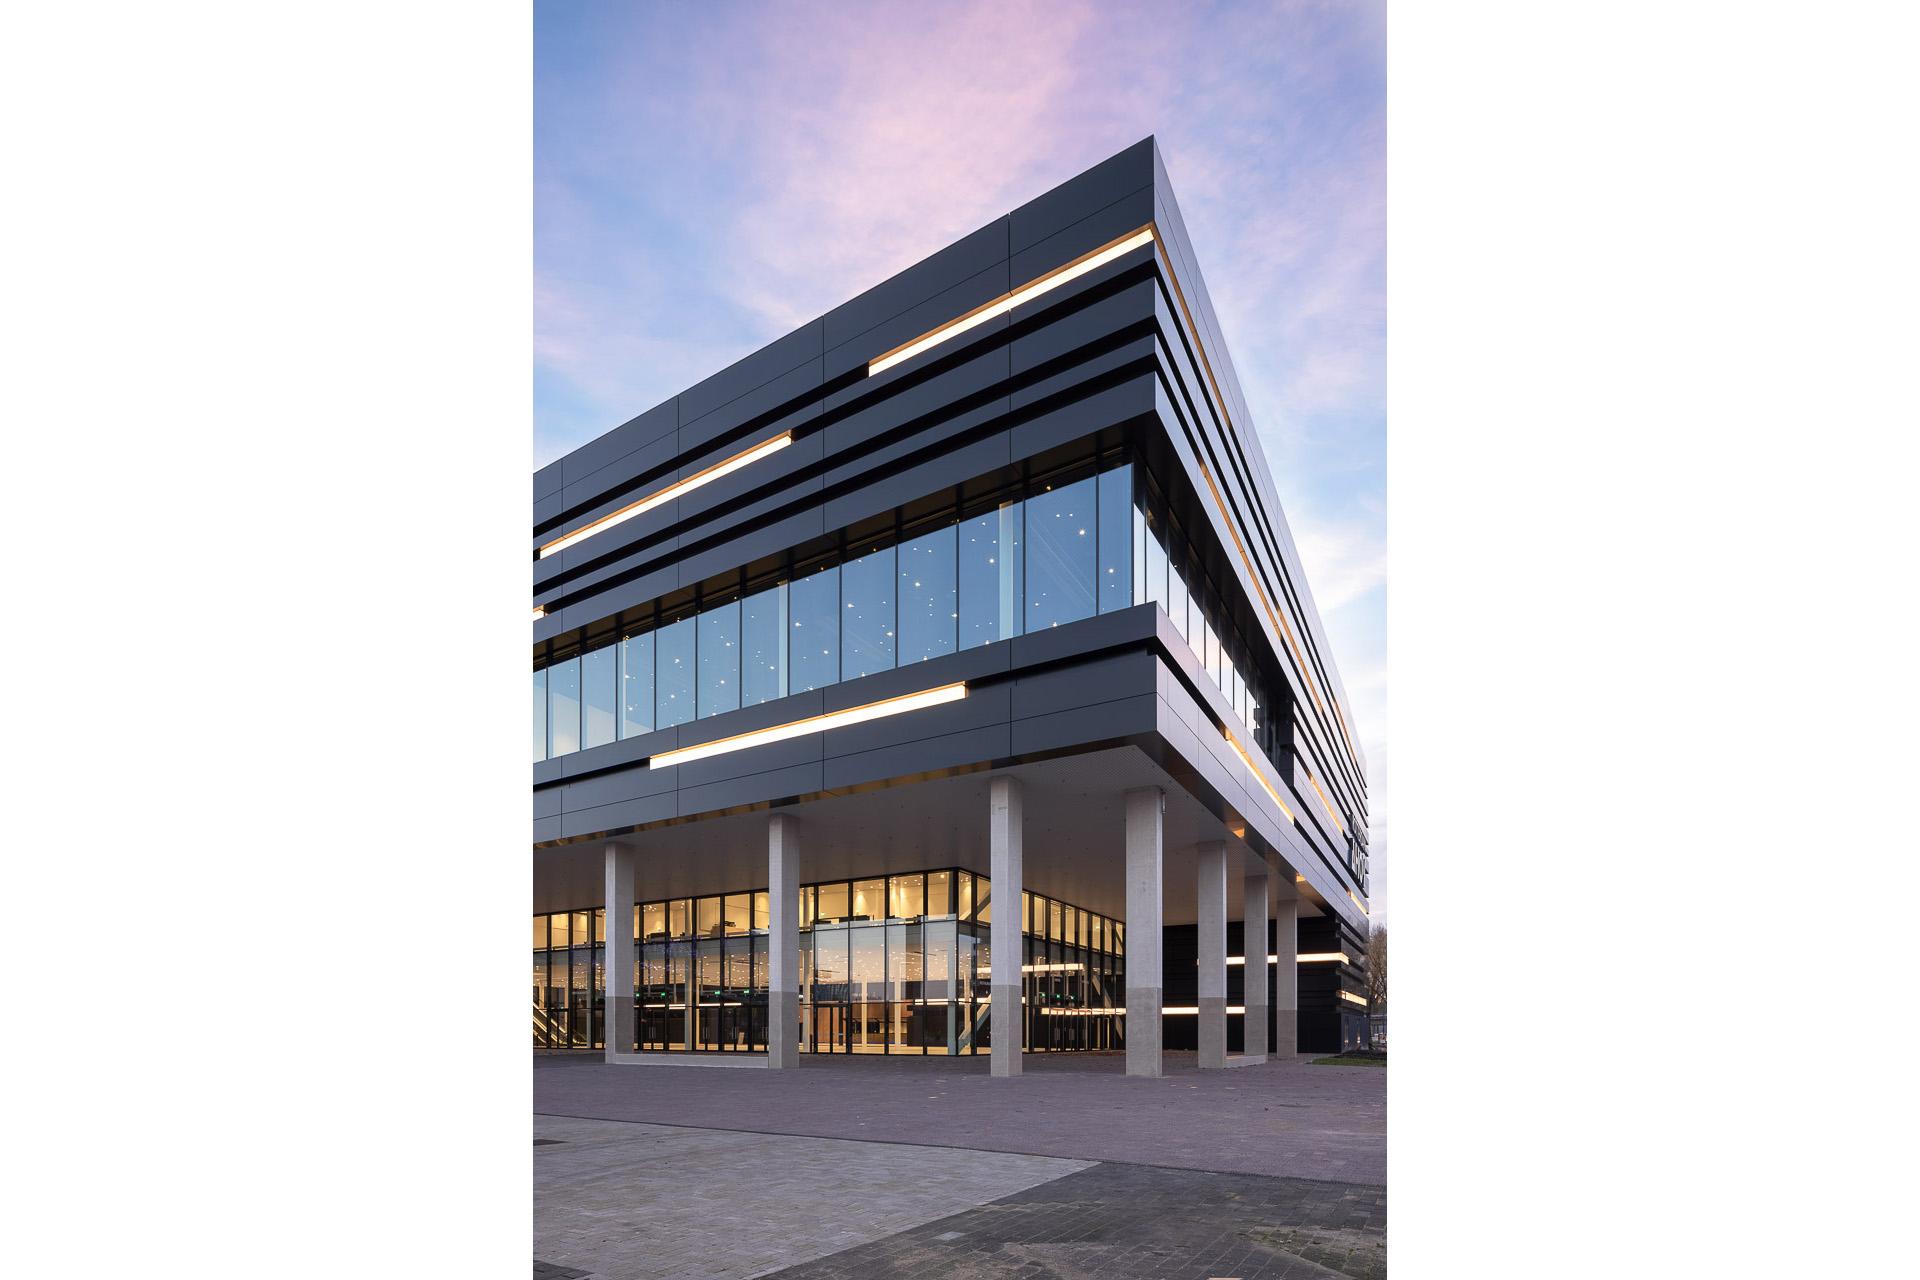 SP2020-Rotterdam-Ahoy-Convention-Centre-Exterieur-15-Architectuur-fotografie